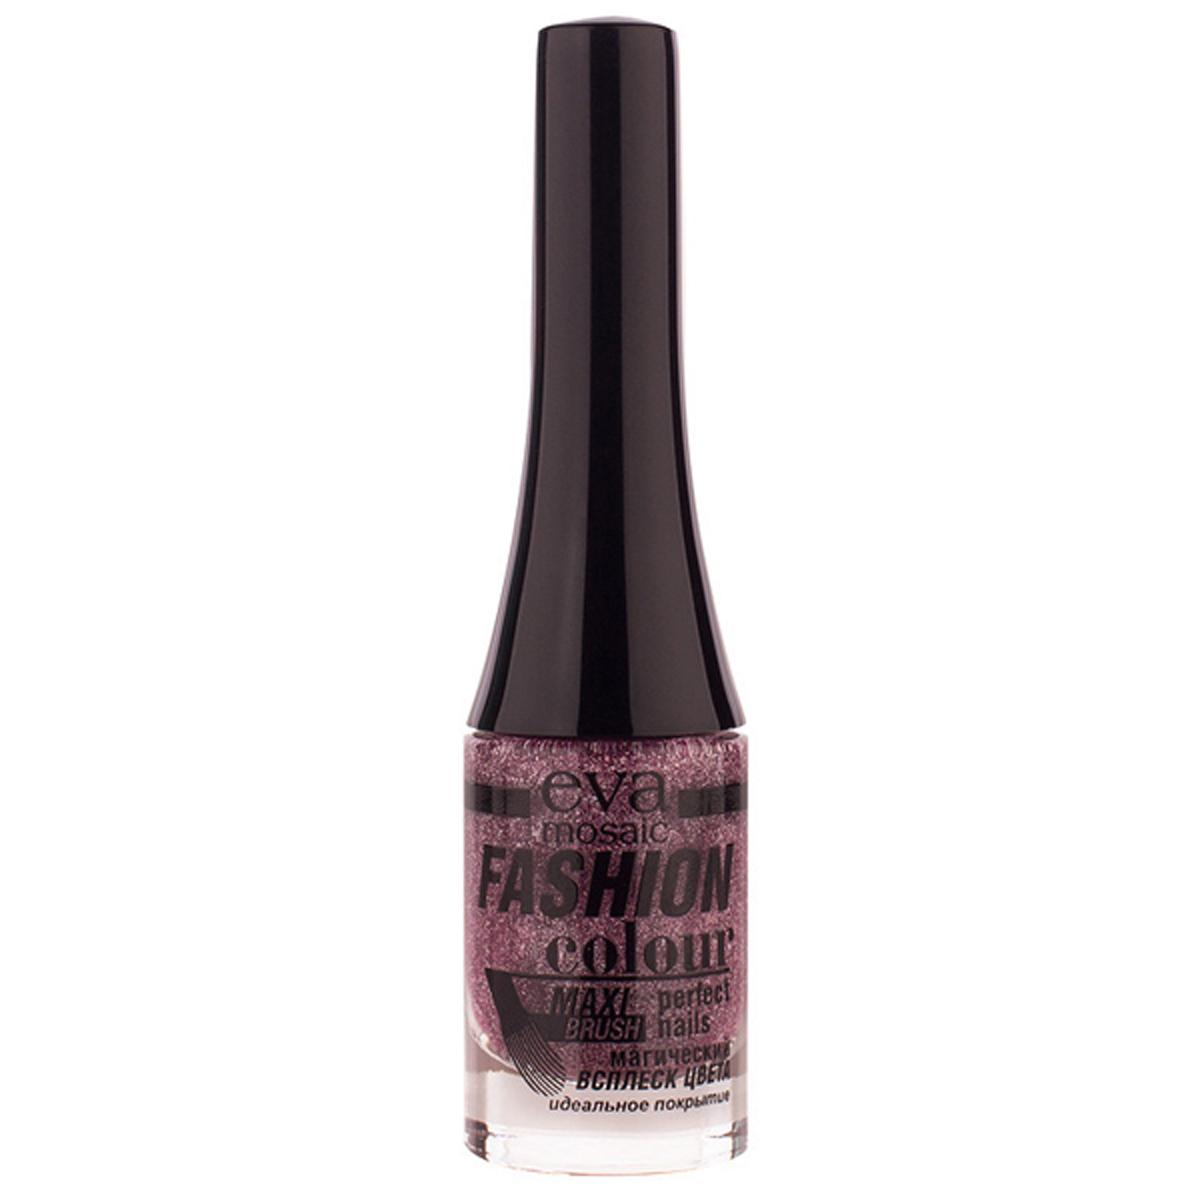 Eva Mosaic Лак для ногтей Fashion Colour, 6 мл, 062 Розовая Радуга28032022Стойкие лаки для ногтей в экономичной упаковке небольшого объема - лак не успеет надоесть или загустеть! Огромный спектр оттенков - от сдержанной классики до самых смелых современных тенденций.- легко наносятся и быстро сохнут- обладают высокой стойкостью и зеркальным блеском- эргономичная плоская кисть для быстрого, аккуратного и точного нанесения.